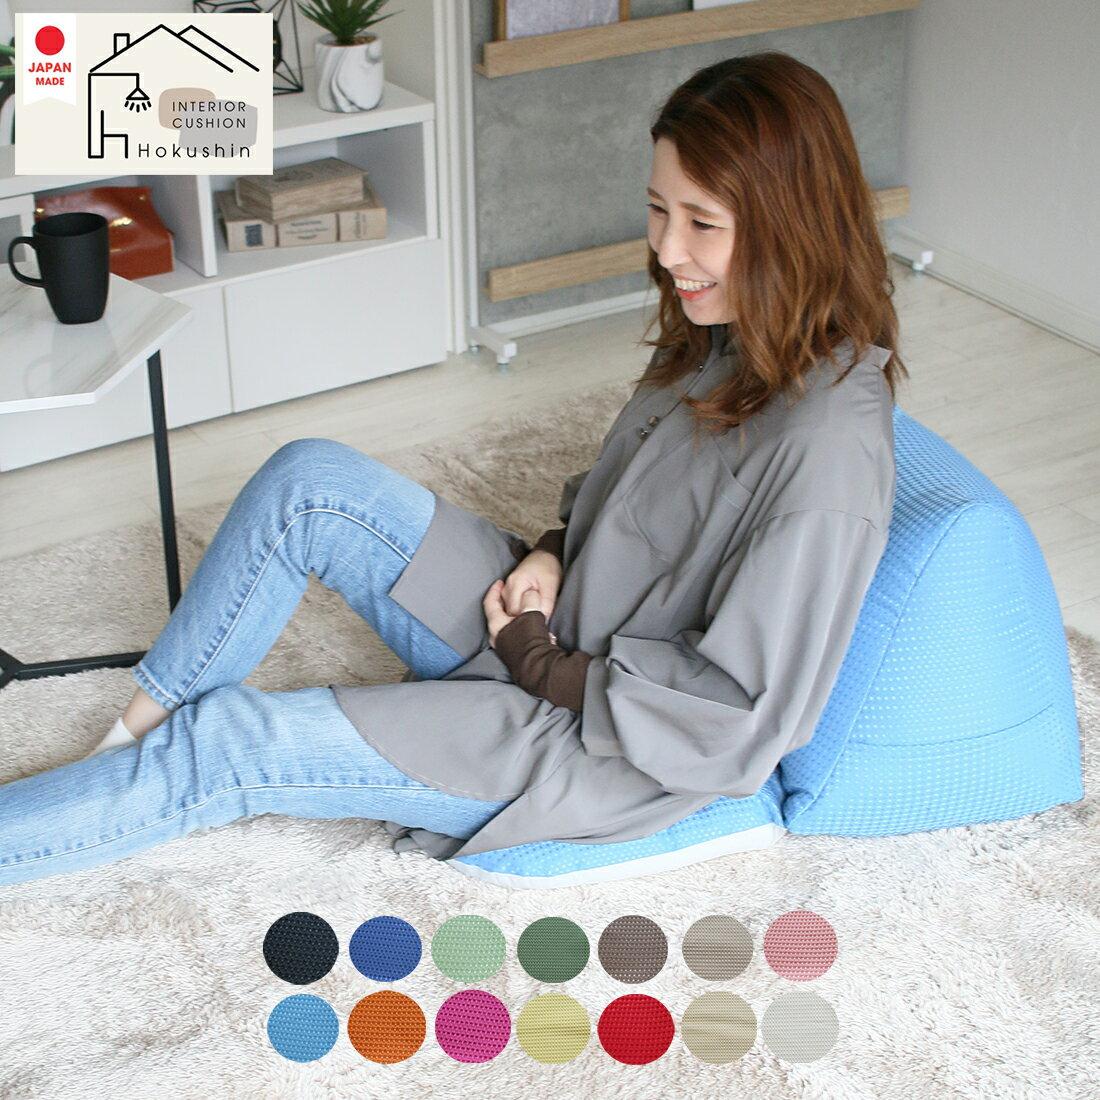 シート付 ビーズクッション クッション 一人暮らし 日本製 座椅子 佐川又はヤマト便 ギフト